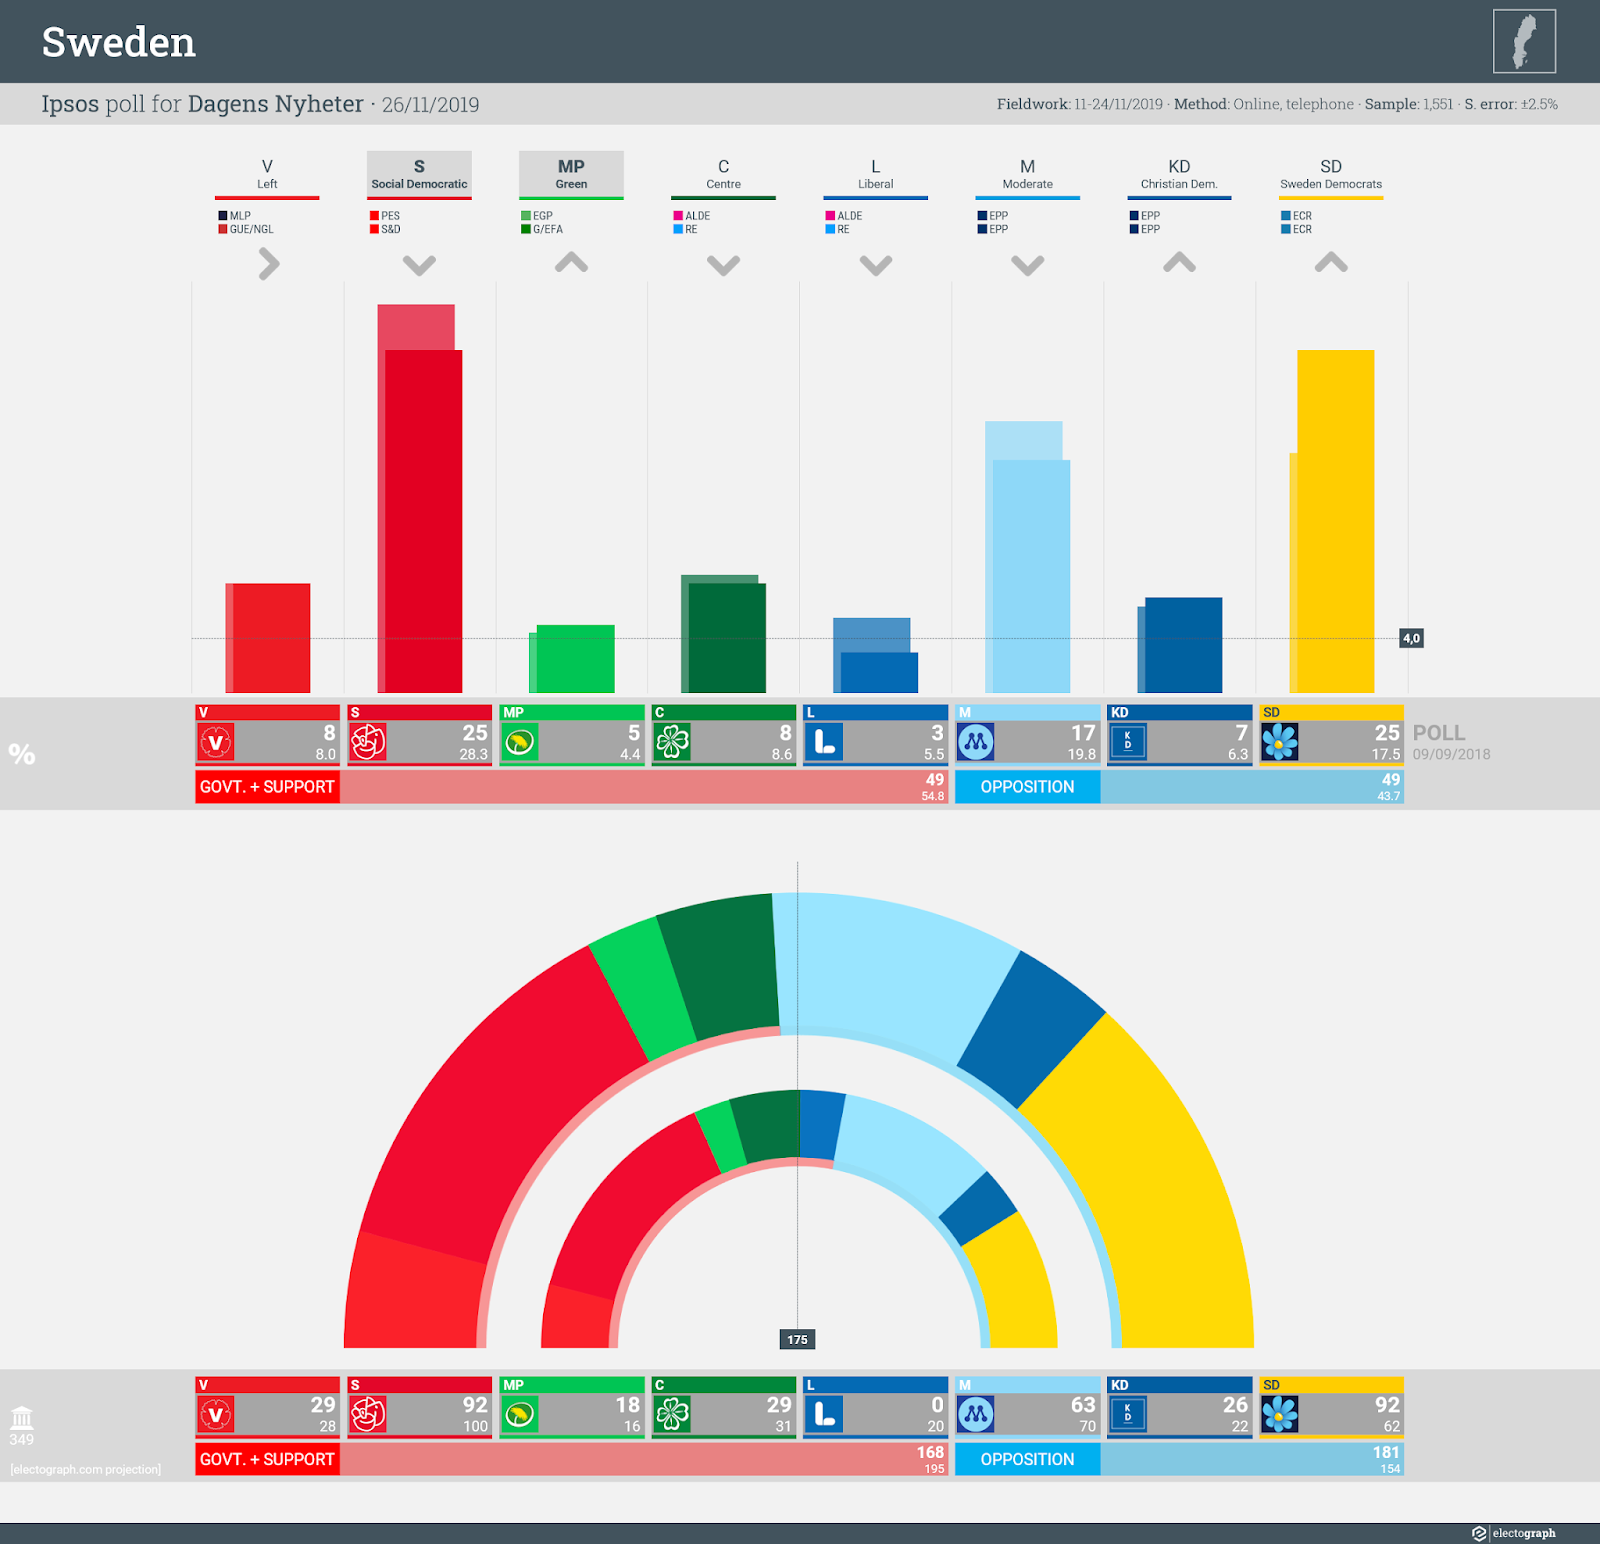 SWEDEN: Ipsos poll chart for Dagens Nyheter, 26 November 2019